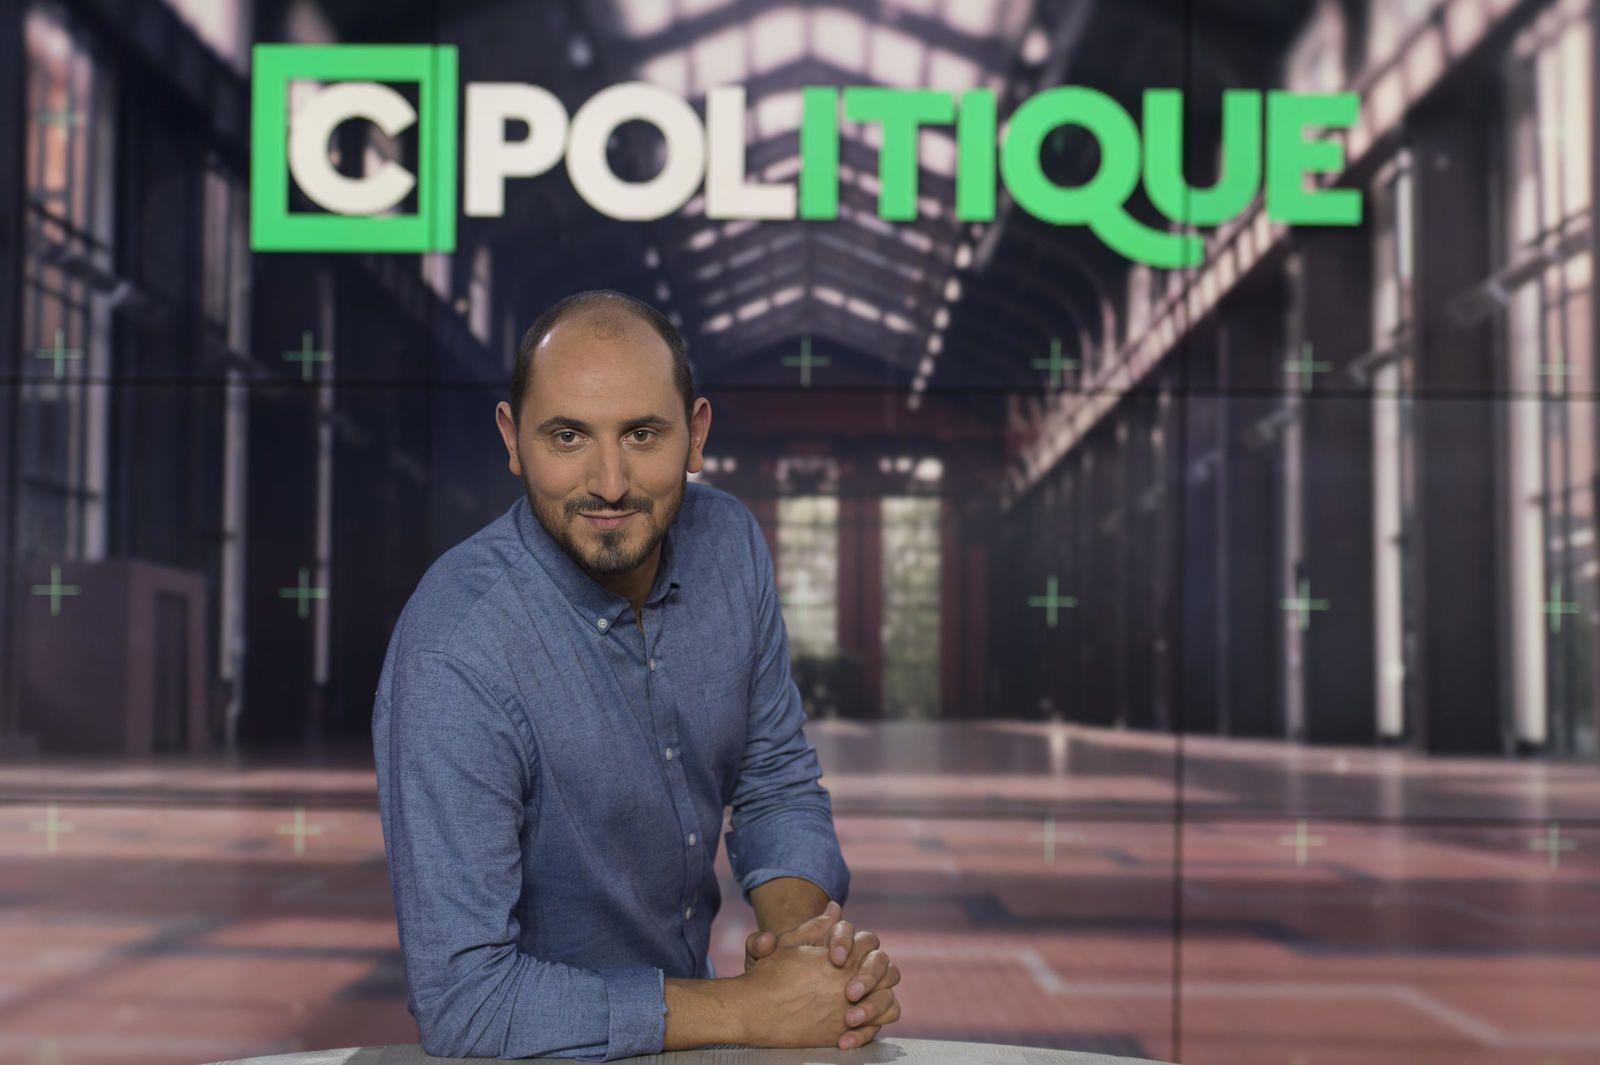 C Politique ce dimanche sur France 5 : François Ruffin, fronde anti-éolienne, Levothyrox en accusation.